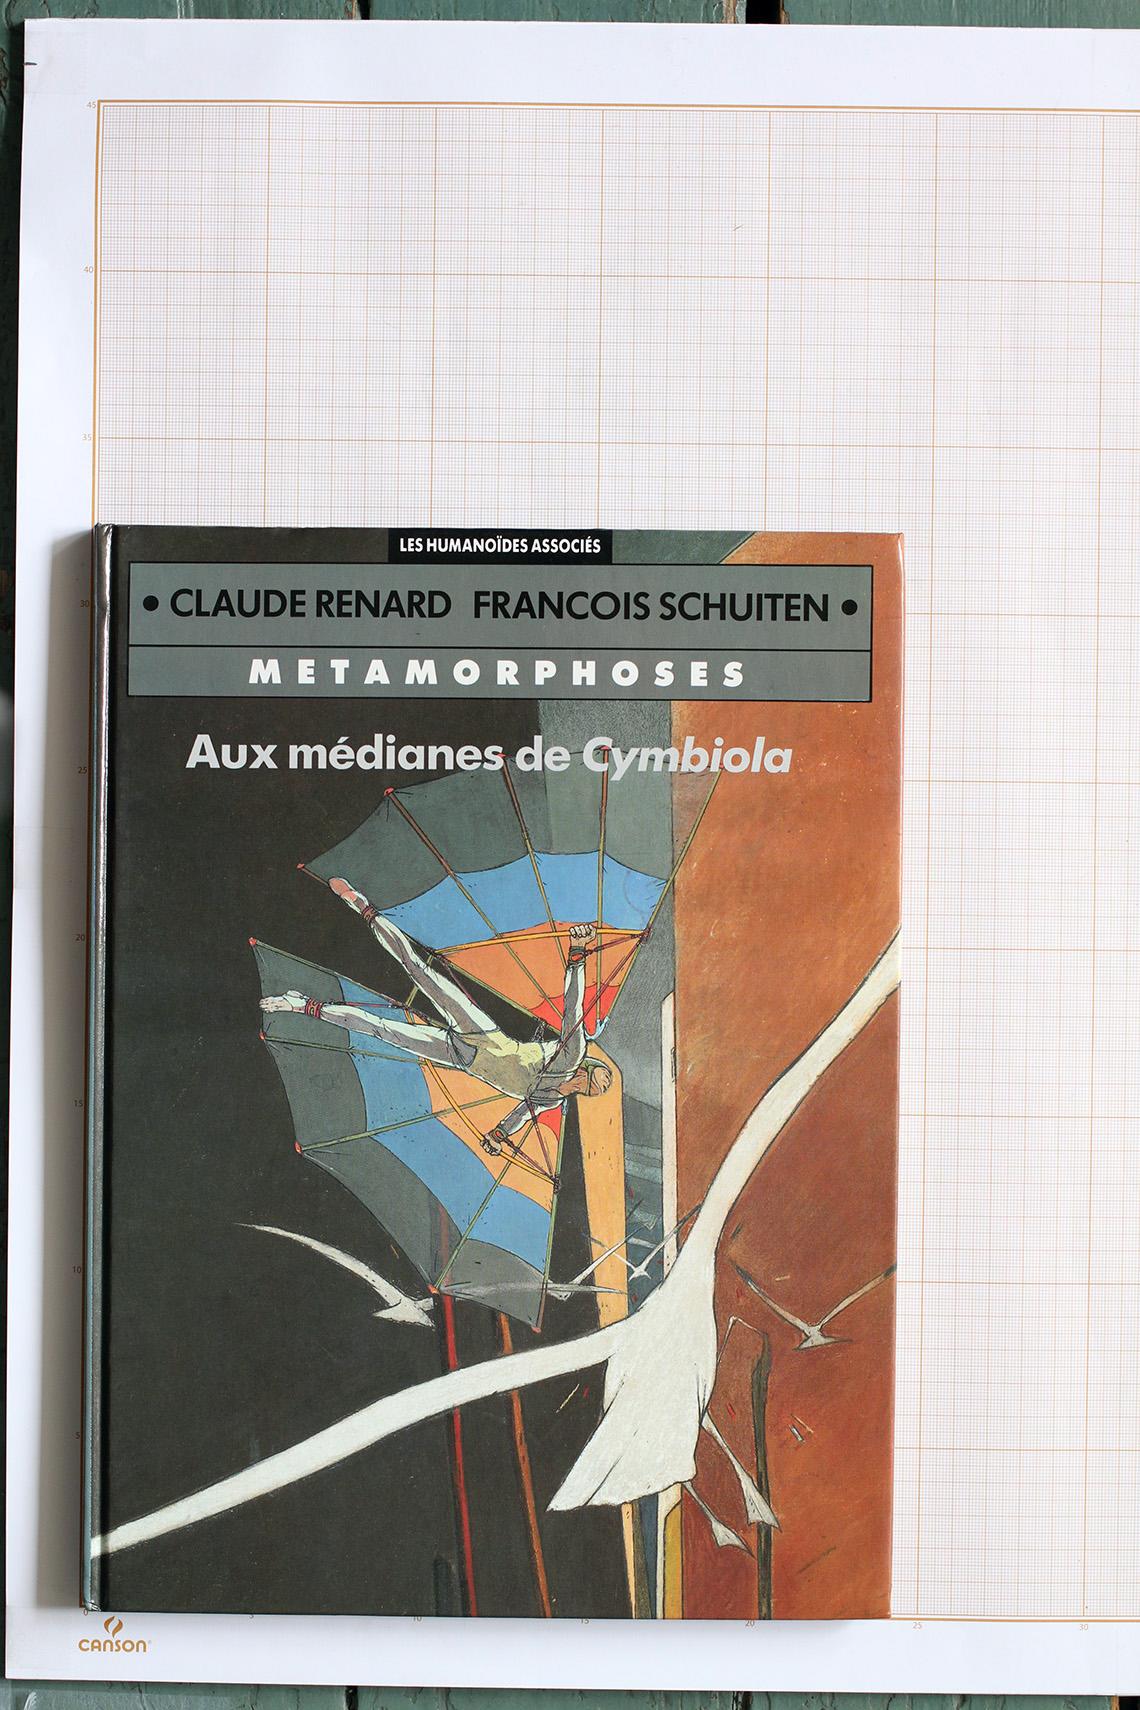 Aux Médianes de Cymbiola, F.Schuiten & C.Renard - Humanoïdes Associés© Maison Autrique, 1989